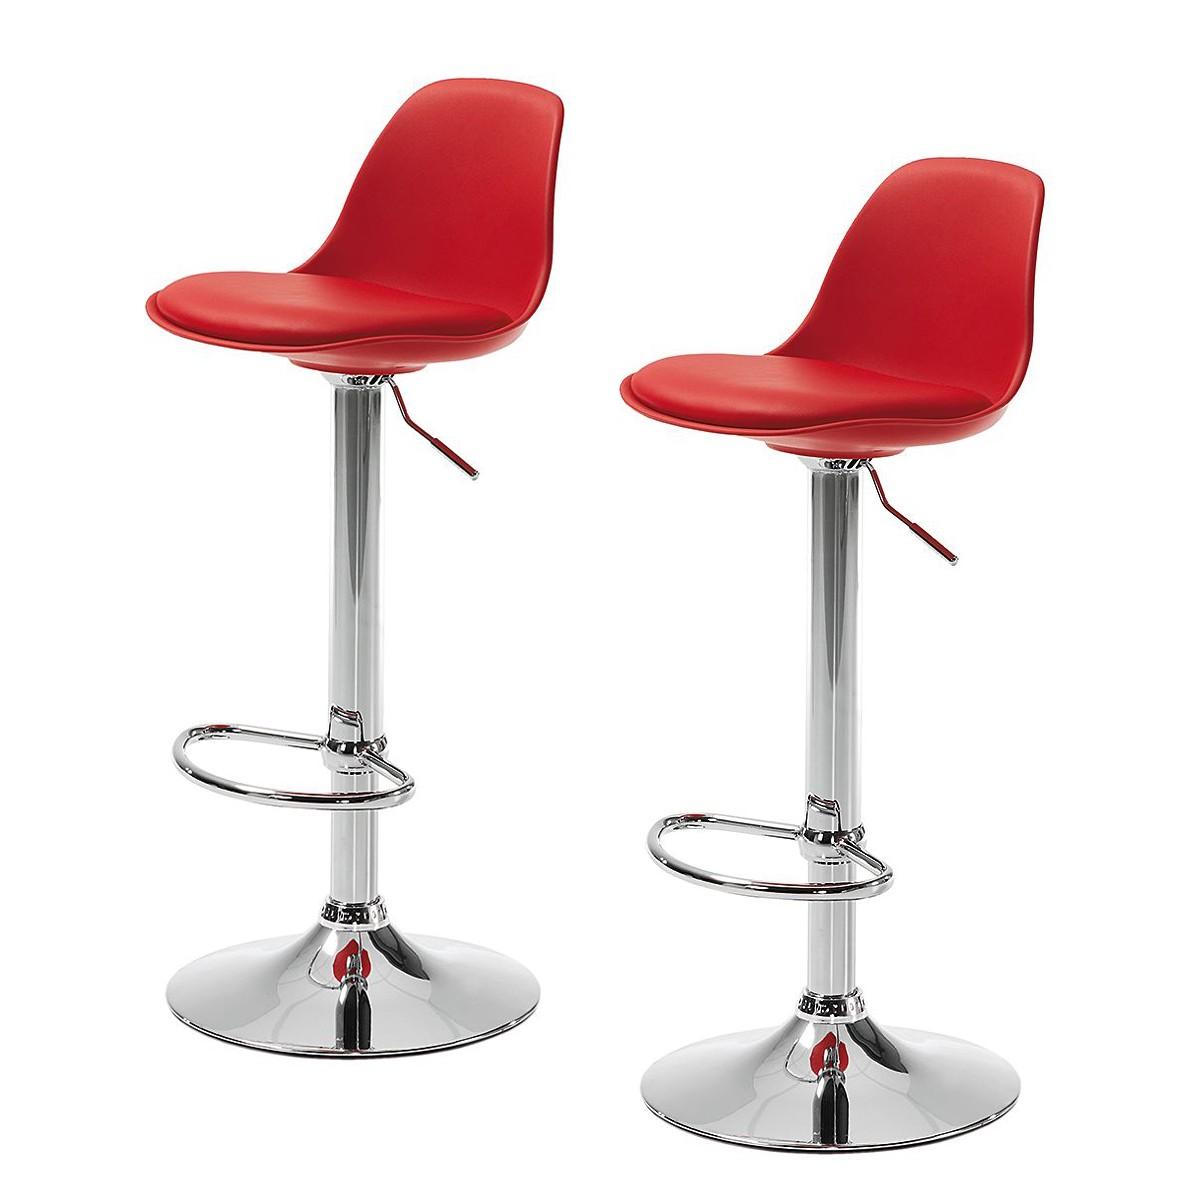 h henverstellbarer barhocker rot preisvergleich die besten angebote online kaufen. Black Bedroom Furniture Sets. Home Design Ideas